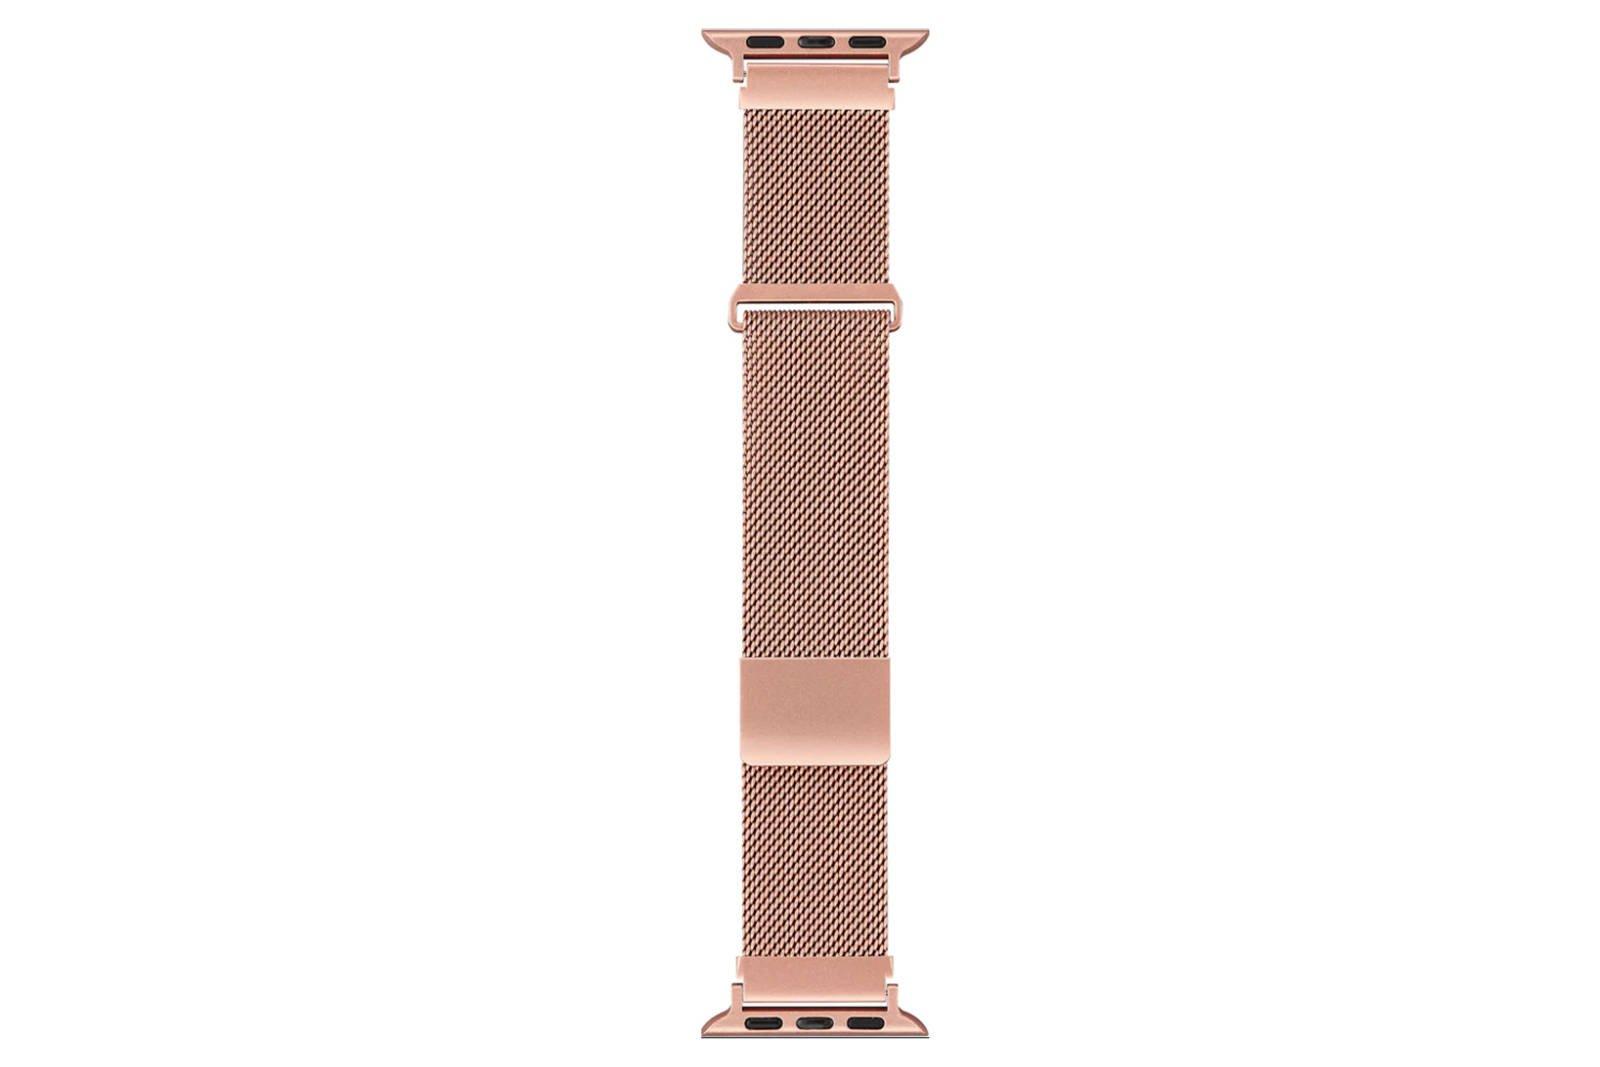 Sandstrøm Mesh strap for Apple Watch 38/40mm Rose Gold